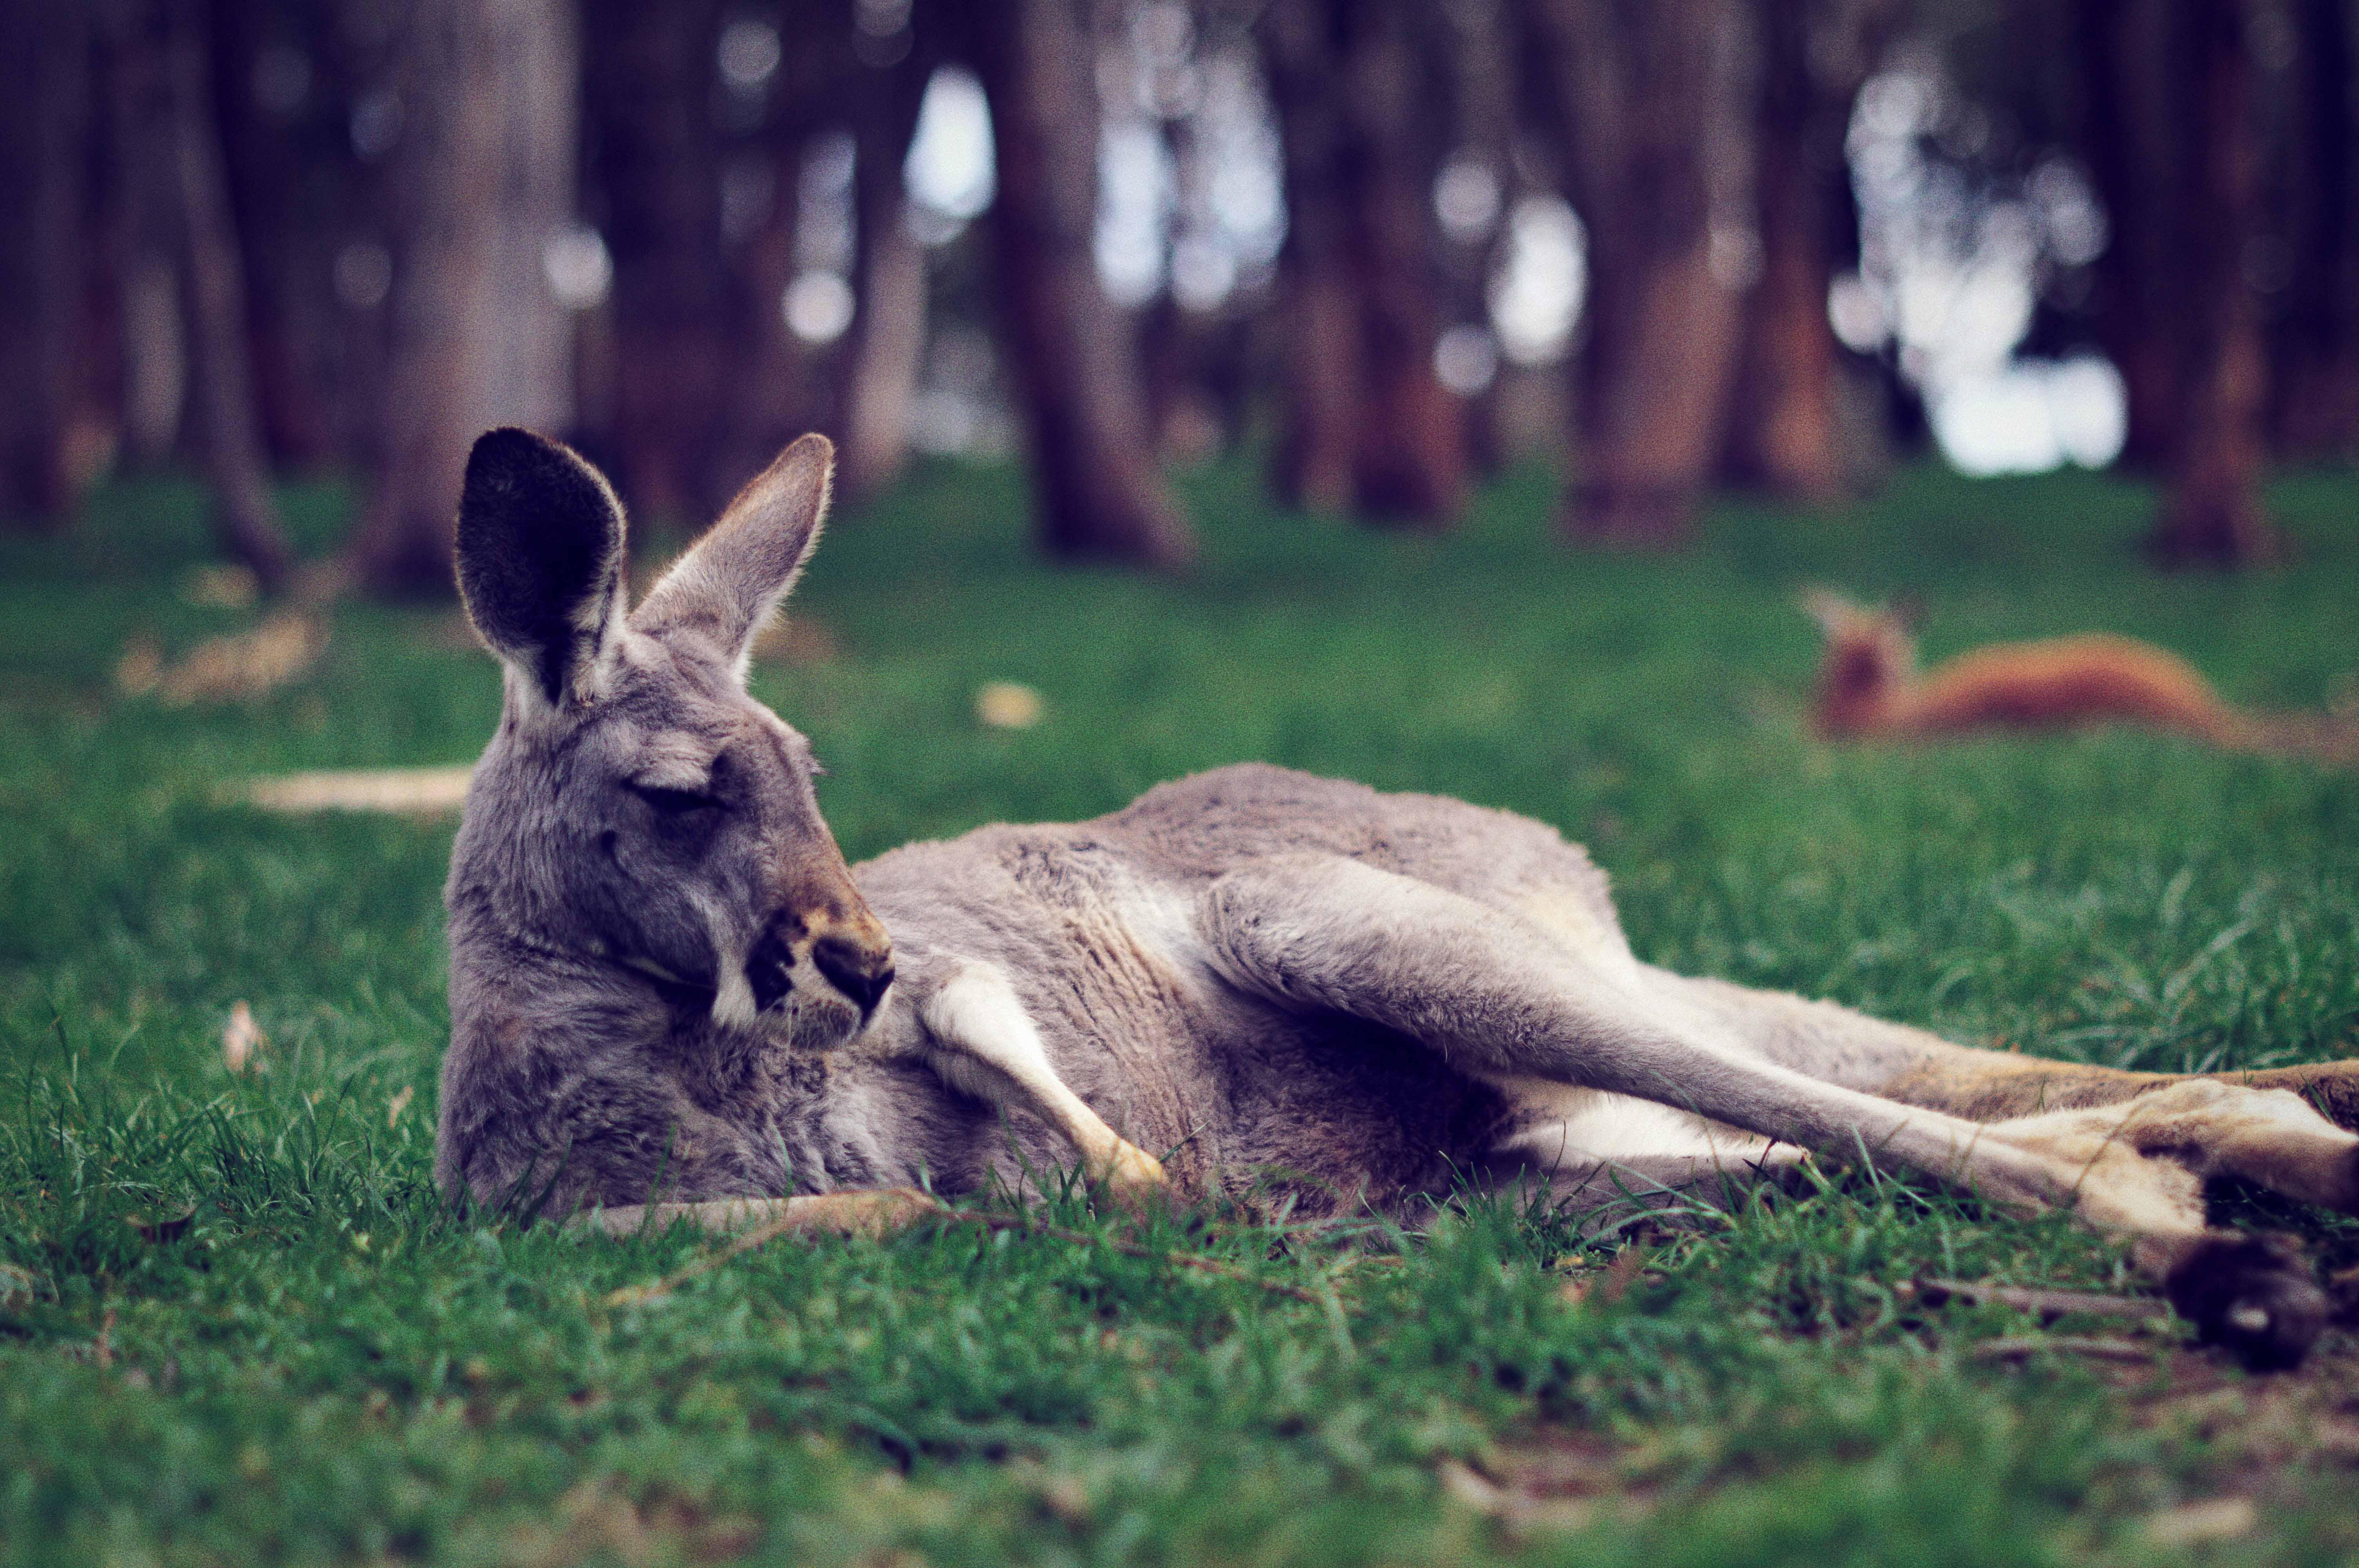 AAAAH! We gaan naar Australië, again!